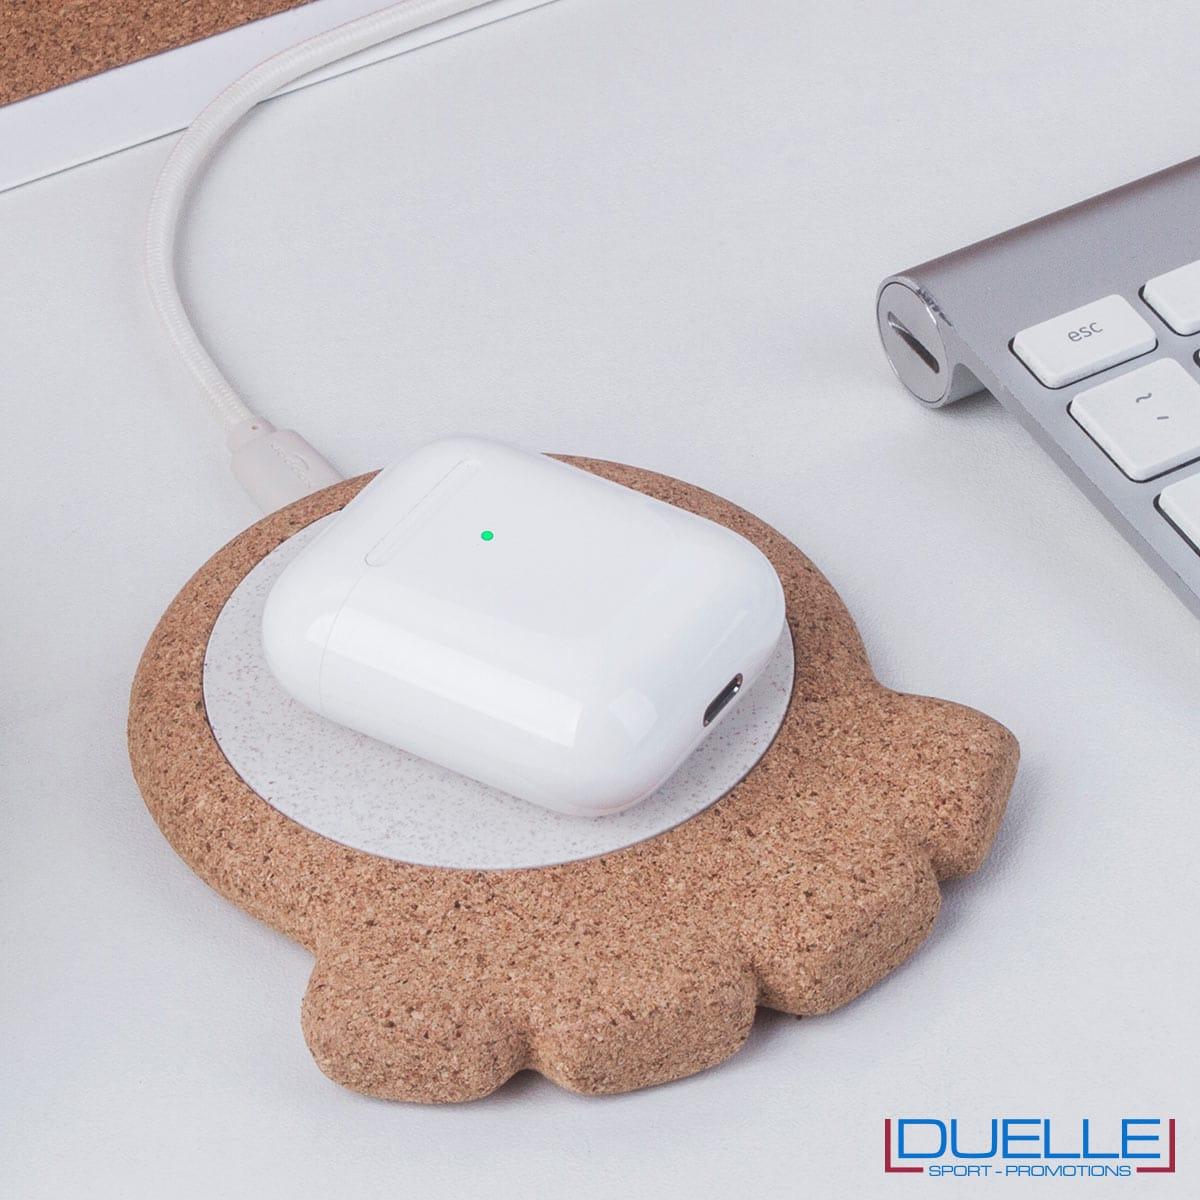 Caricabatterie wireless eco in sughero personalizzabile per auricolari